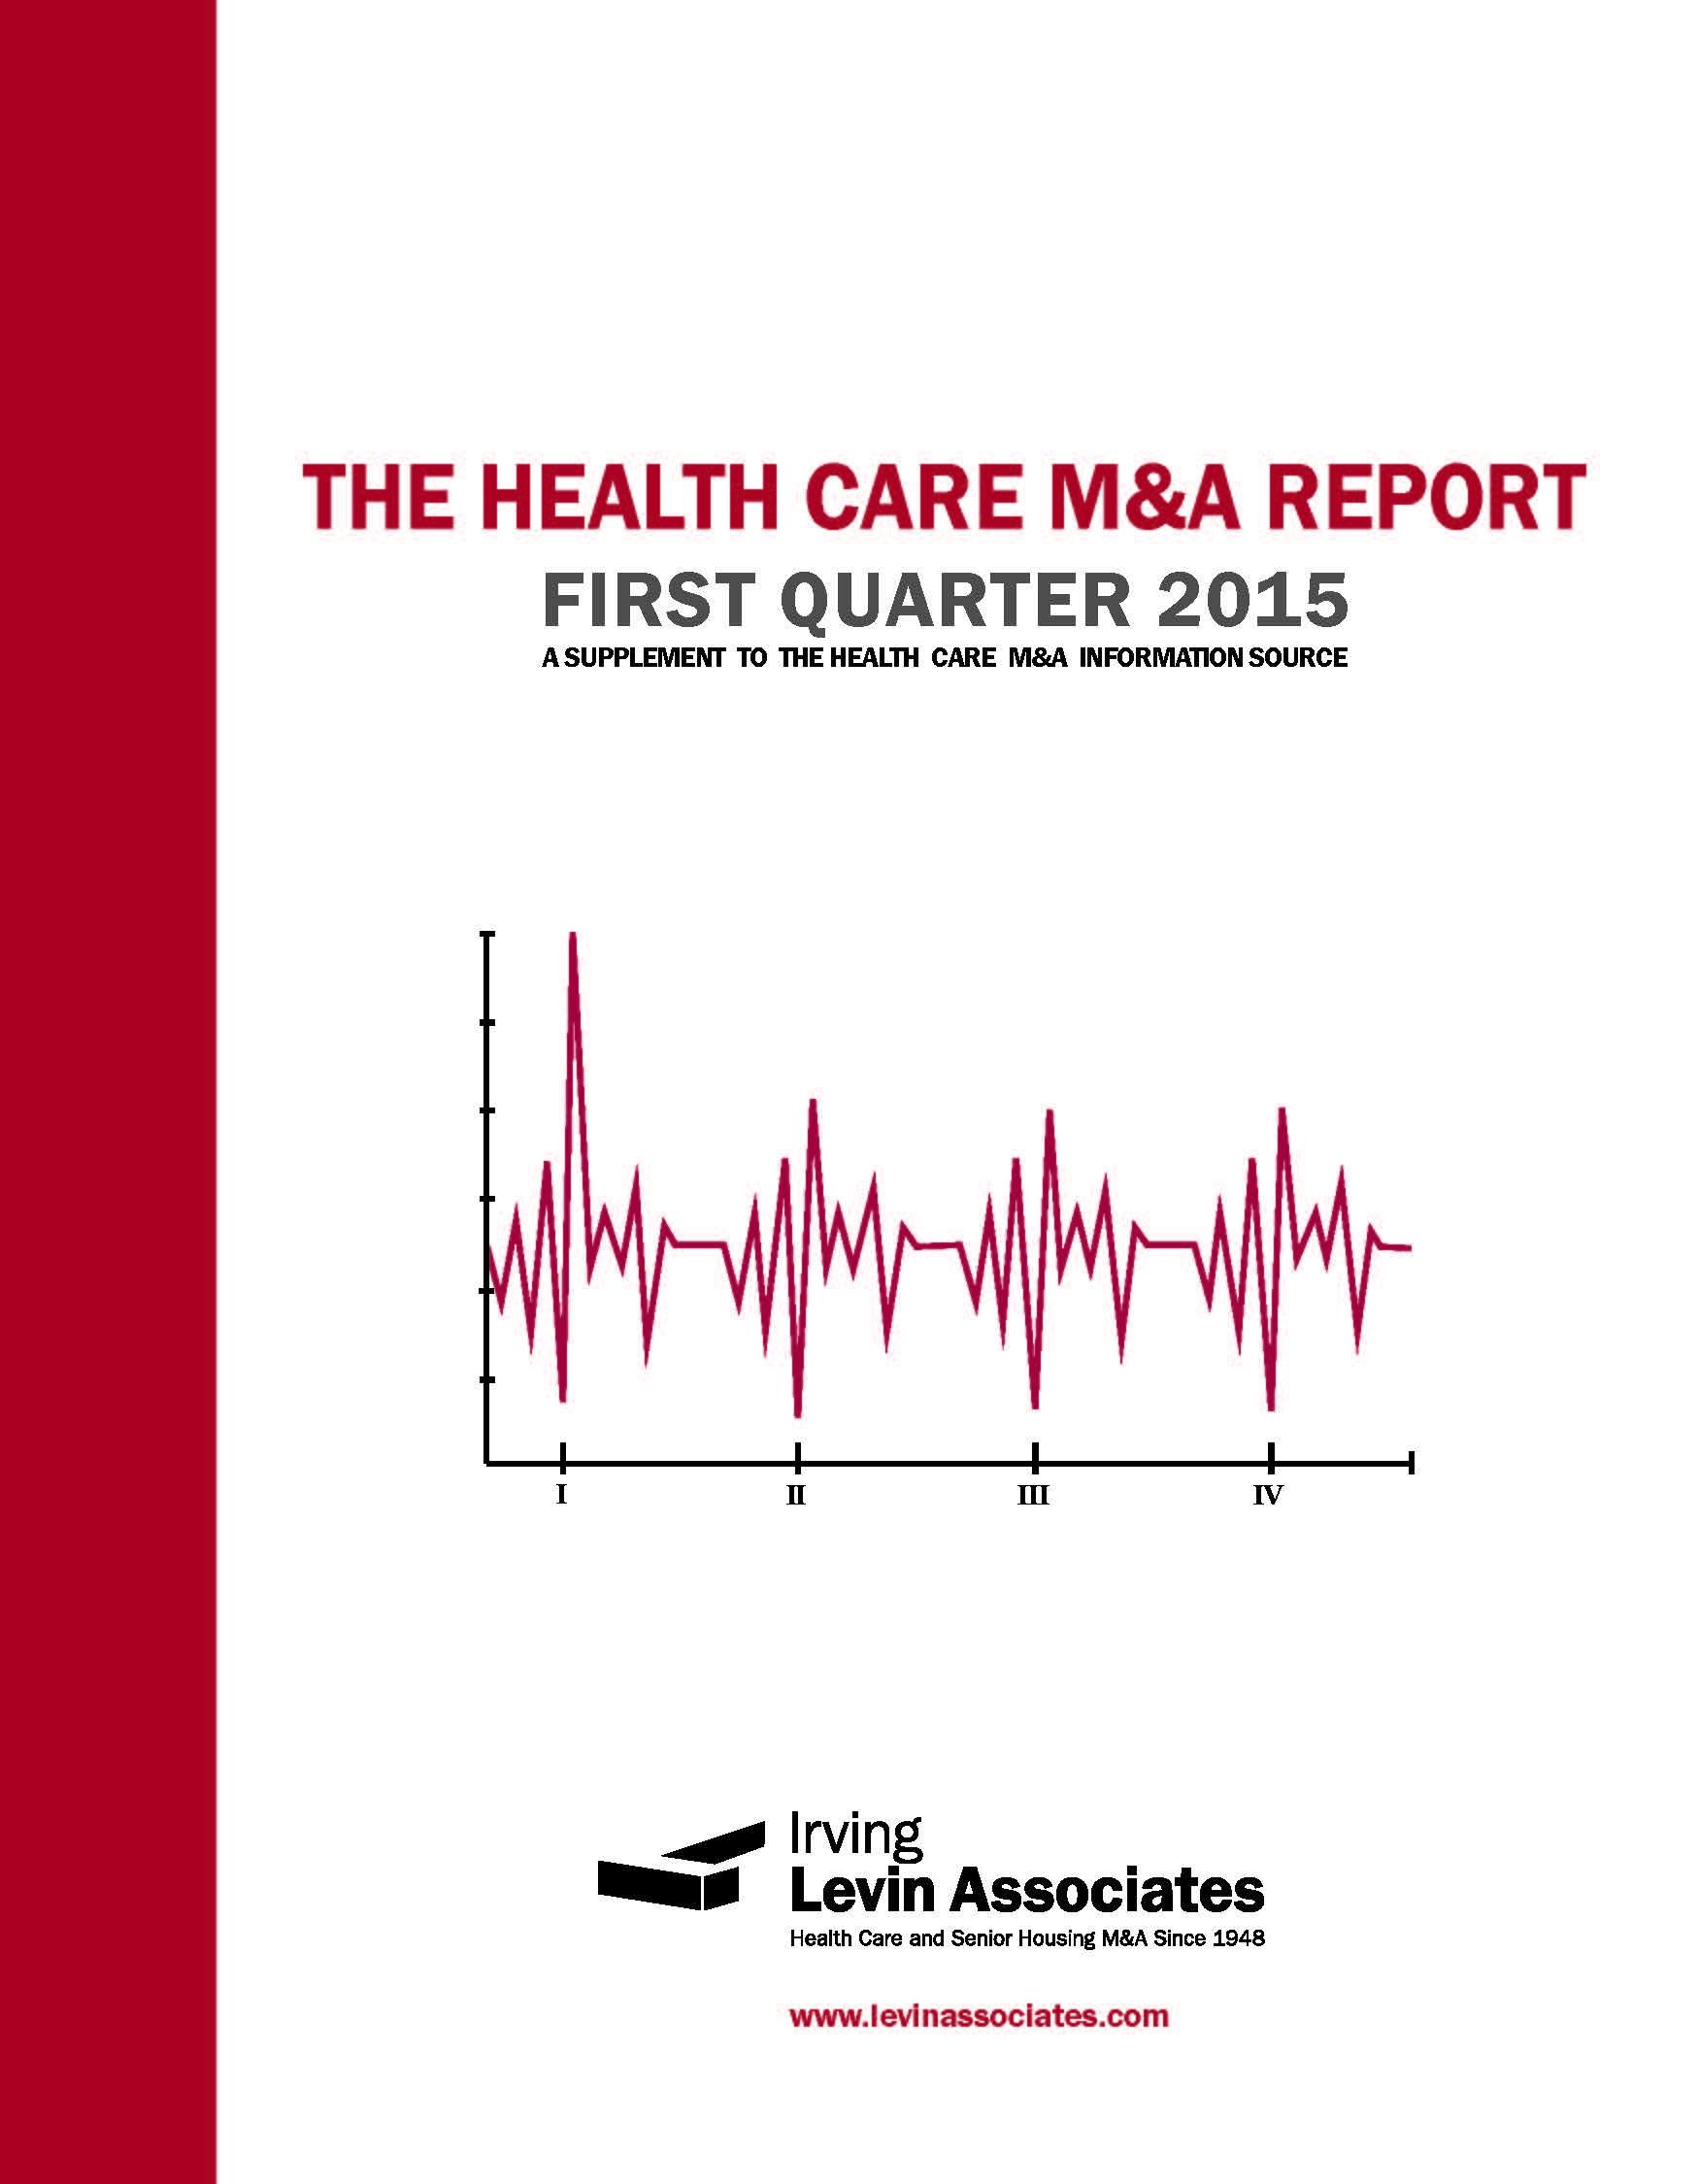 The Health Care M&A Quarterly Report